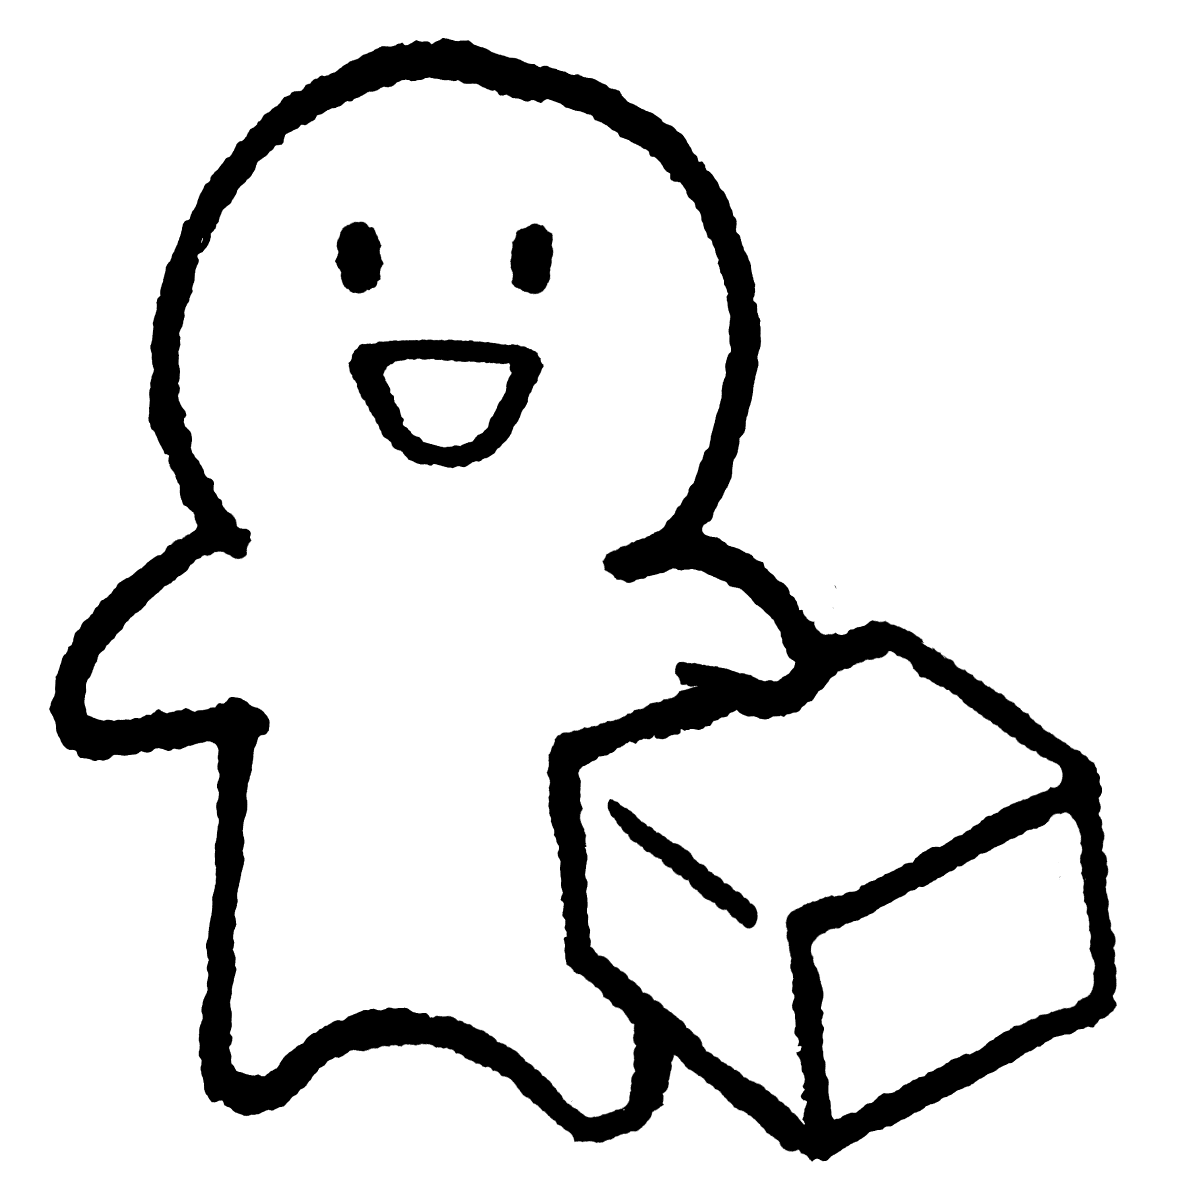 箱を片手に持つのイラスト / Hold a box in one hand Illustration